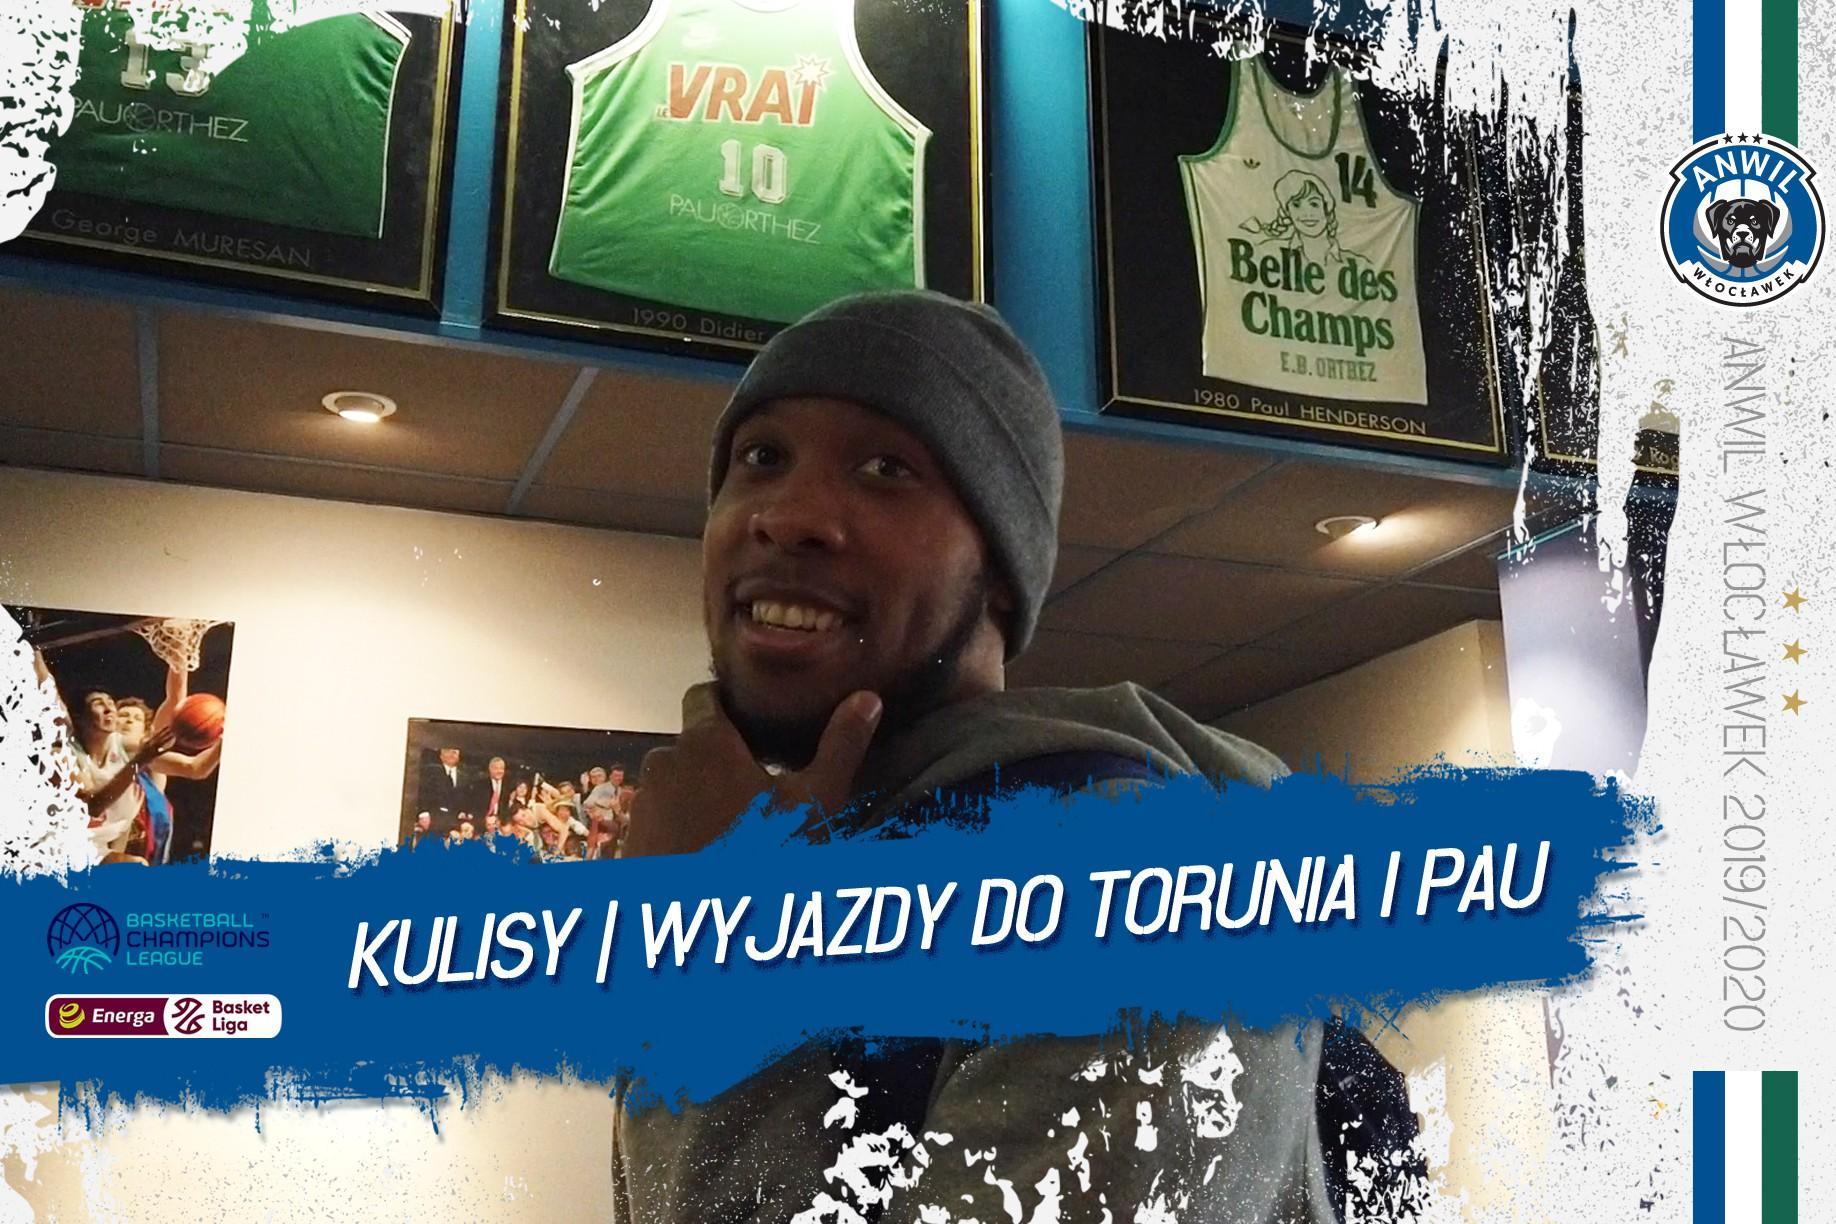 Wideo | Kulisy | Wyjazdy do Torunia i Pau